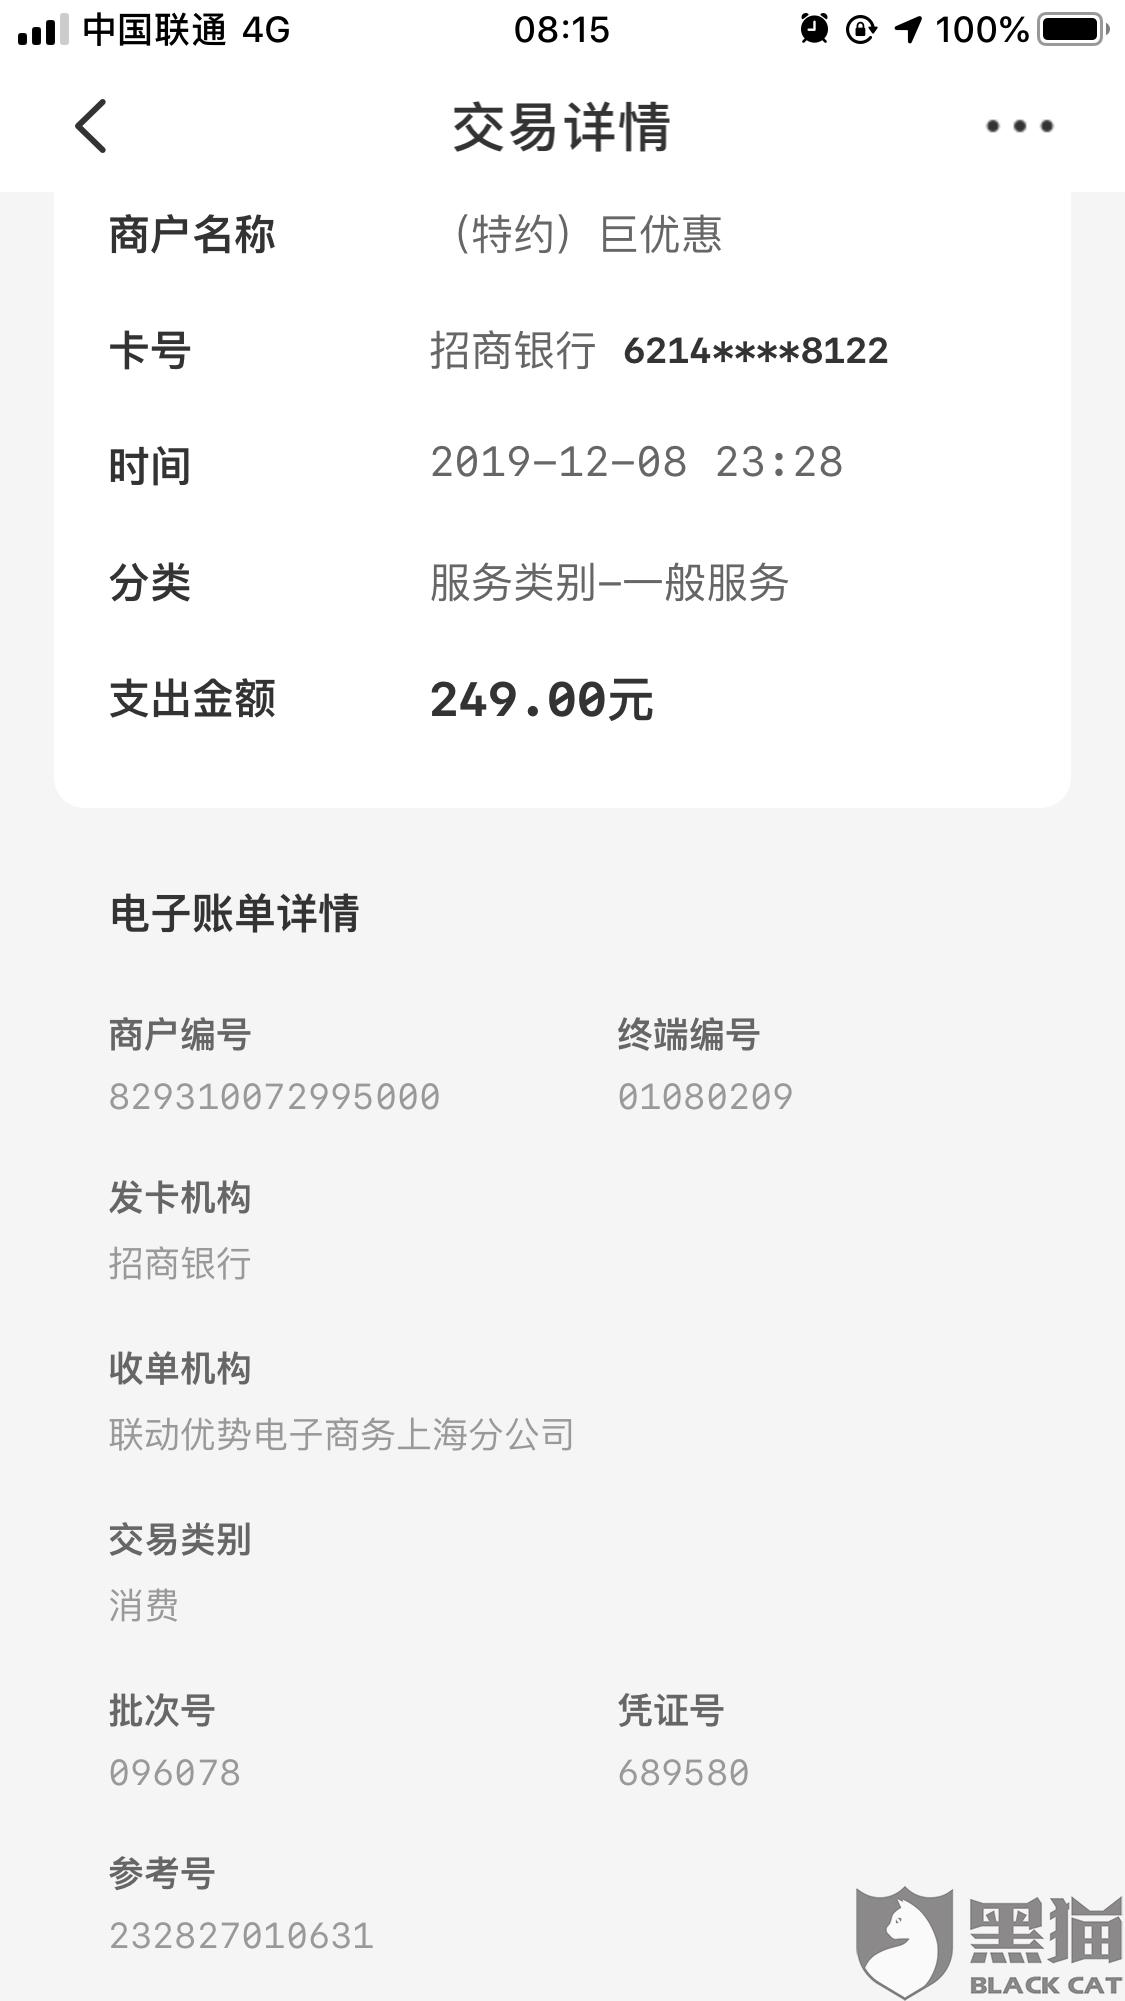 黑猫投诉:联动电子商务上海分公司强制扣249会费